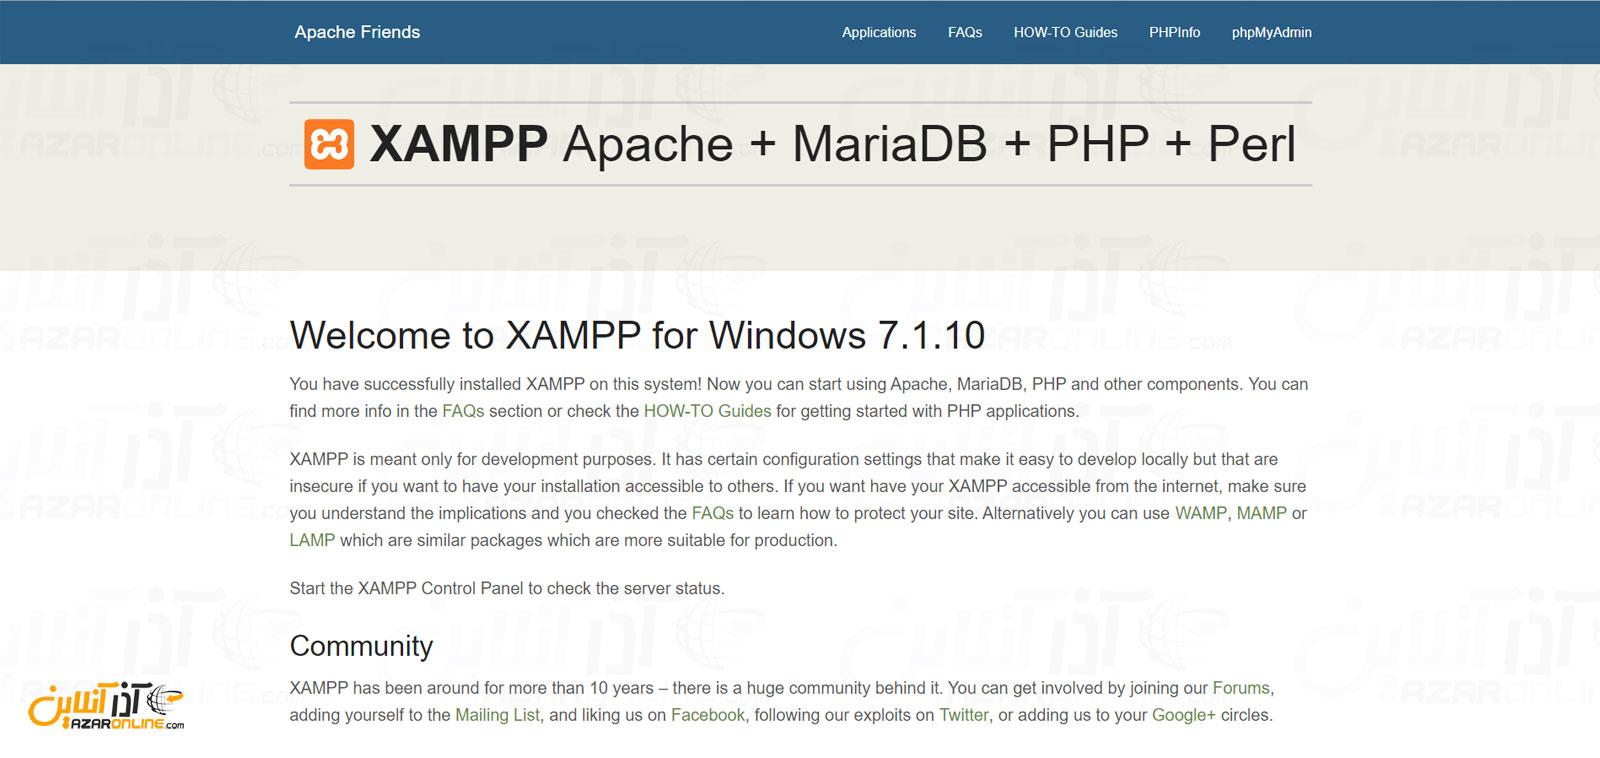 دسترسی به Xampp از طریق اینترنت